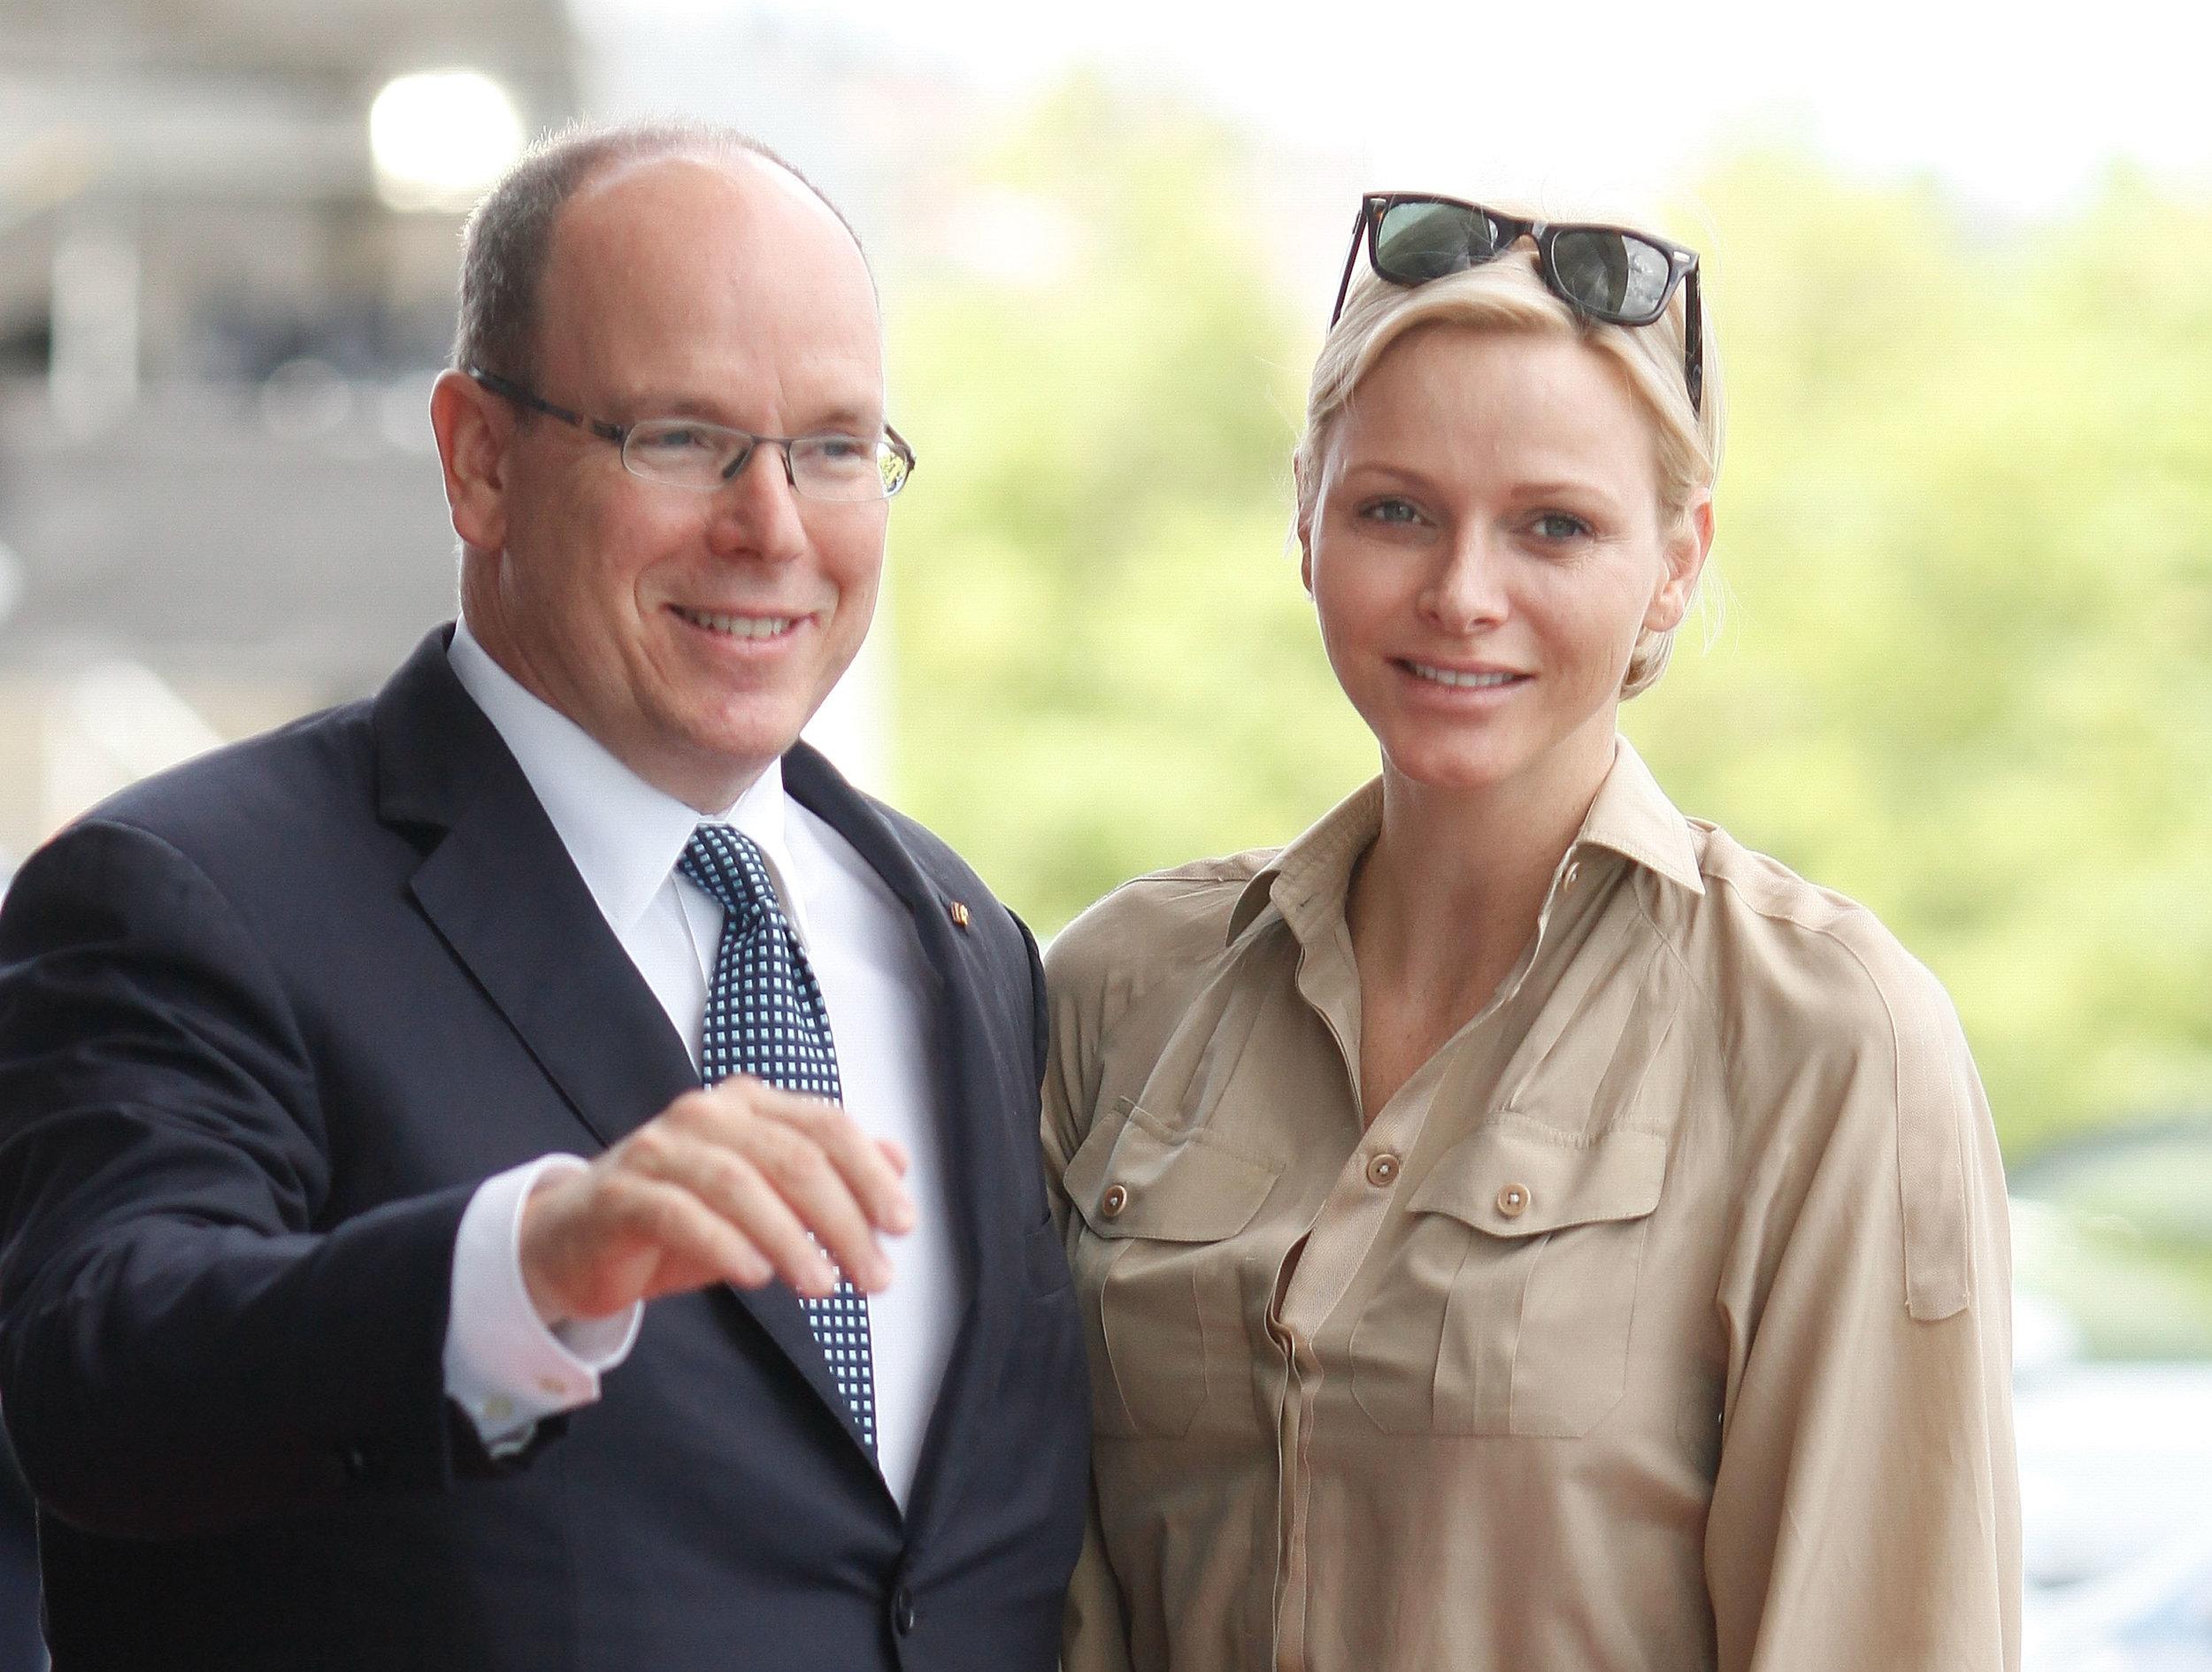 Fürst Albert und Fürstin Charlène sind seit 2011 verheiratet.  ©Getty Images